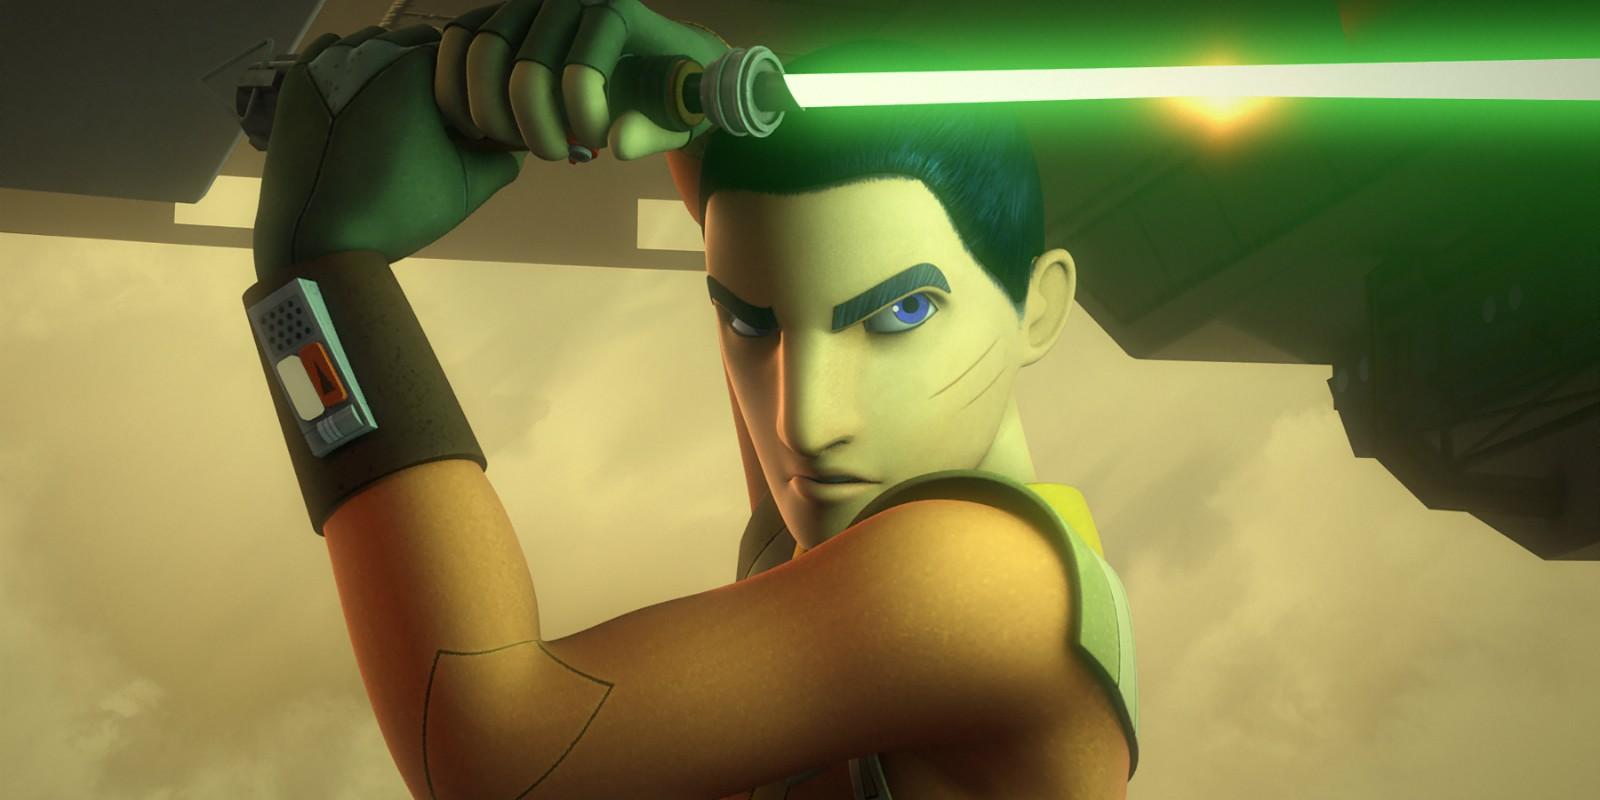 Ezra em 'Star Wars Rebels' (Foto: Divulgação)